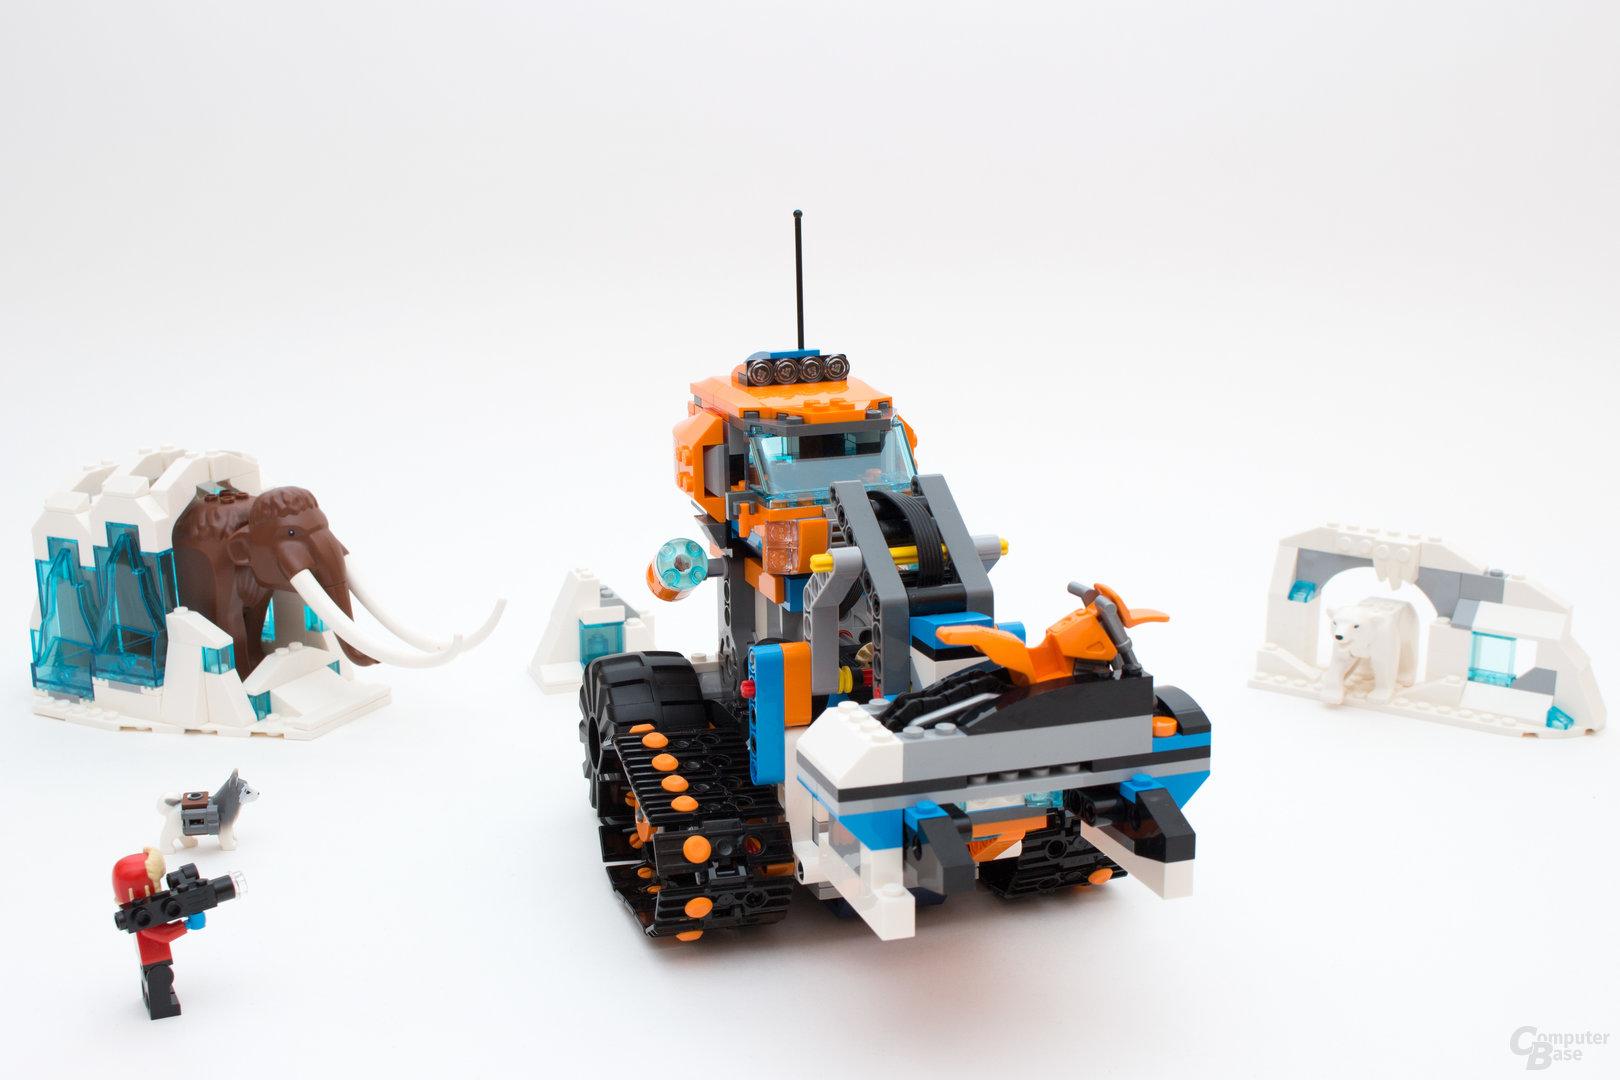 Der mit Boost ergänzte Arktis-Erkundungstruck wirkt knubbelig und erinnert an den M.T.R. 4 aus dem Boost-Set